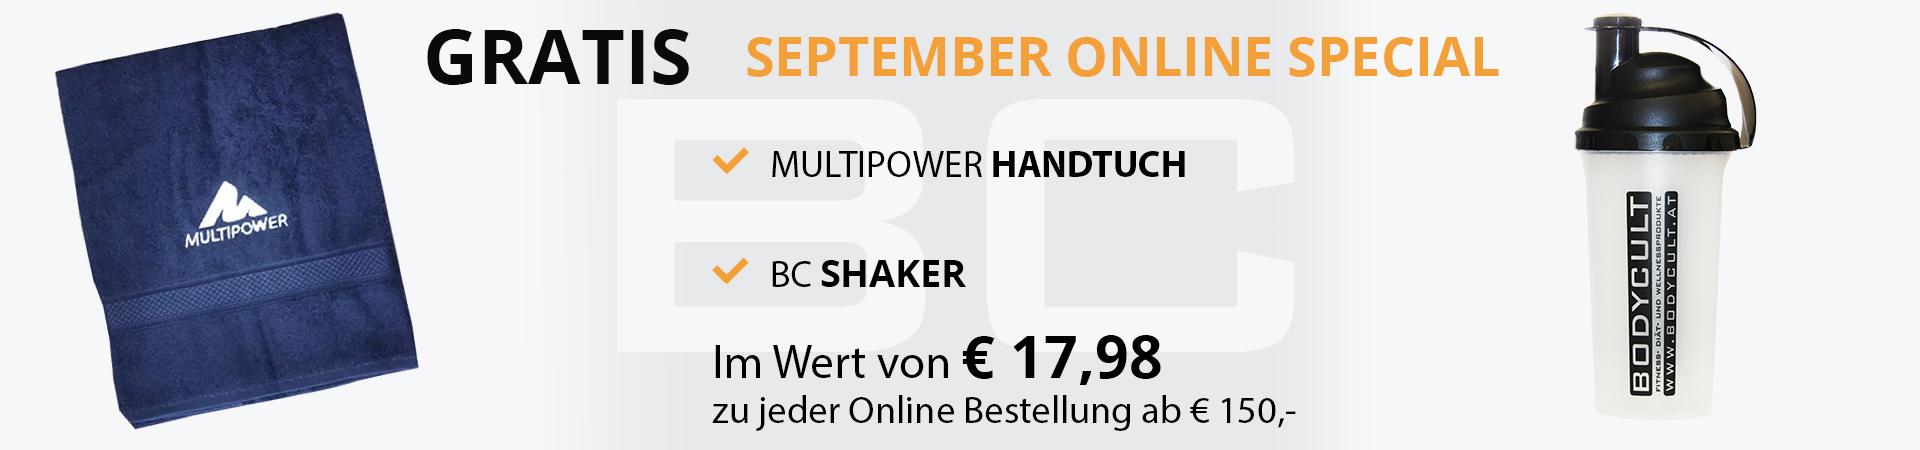 September Online Special